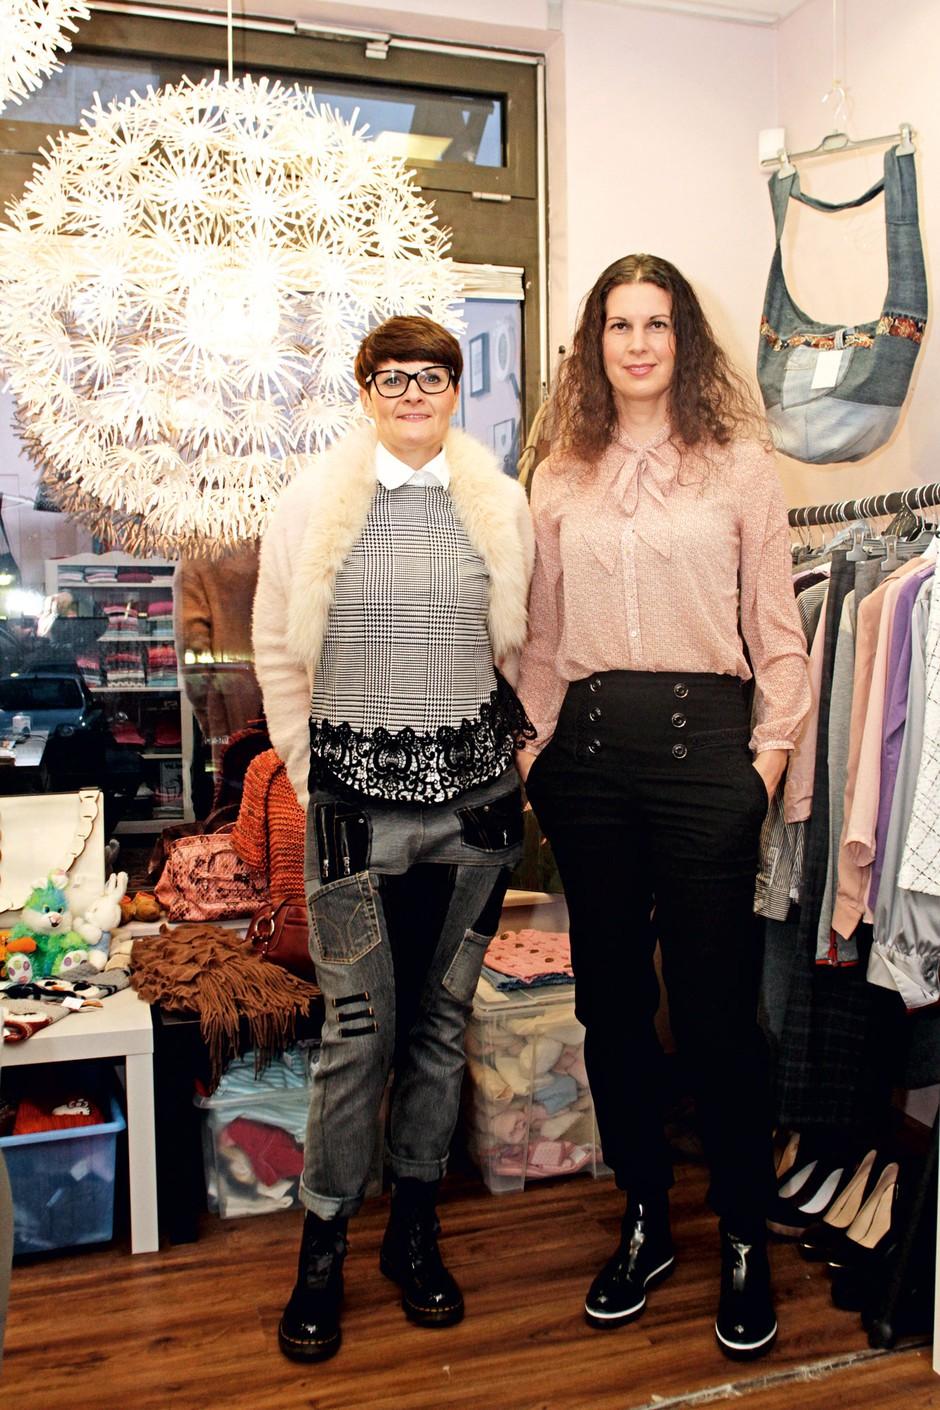 Alenka Žnidarič in Vesna Vehovec, gonilni sili Naše trgovin'ce iz Domžal, ki je pred dnevi dobila povsem svežo, še lepšo podobo. (foto: Goran Antley)